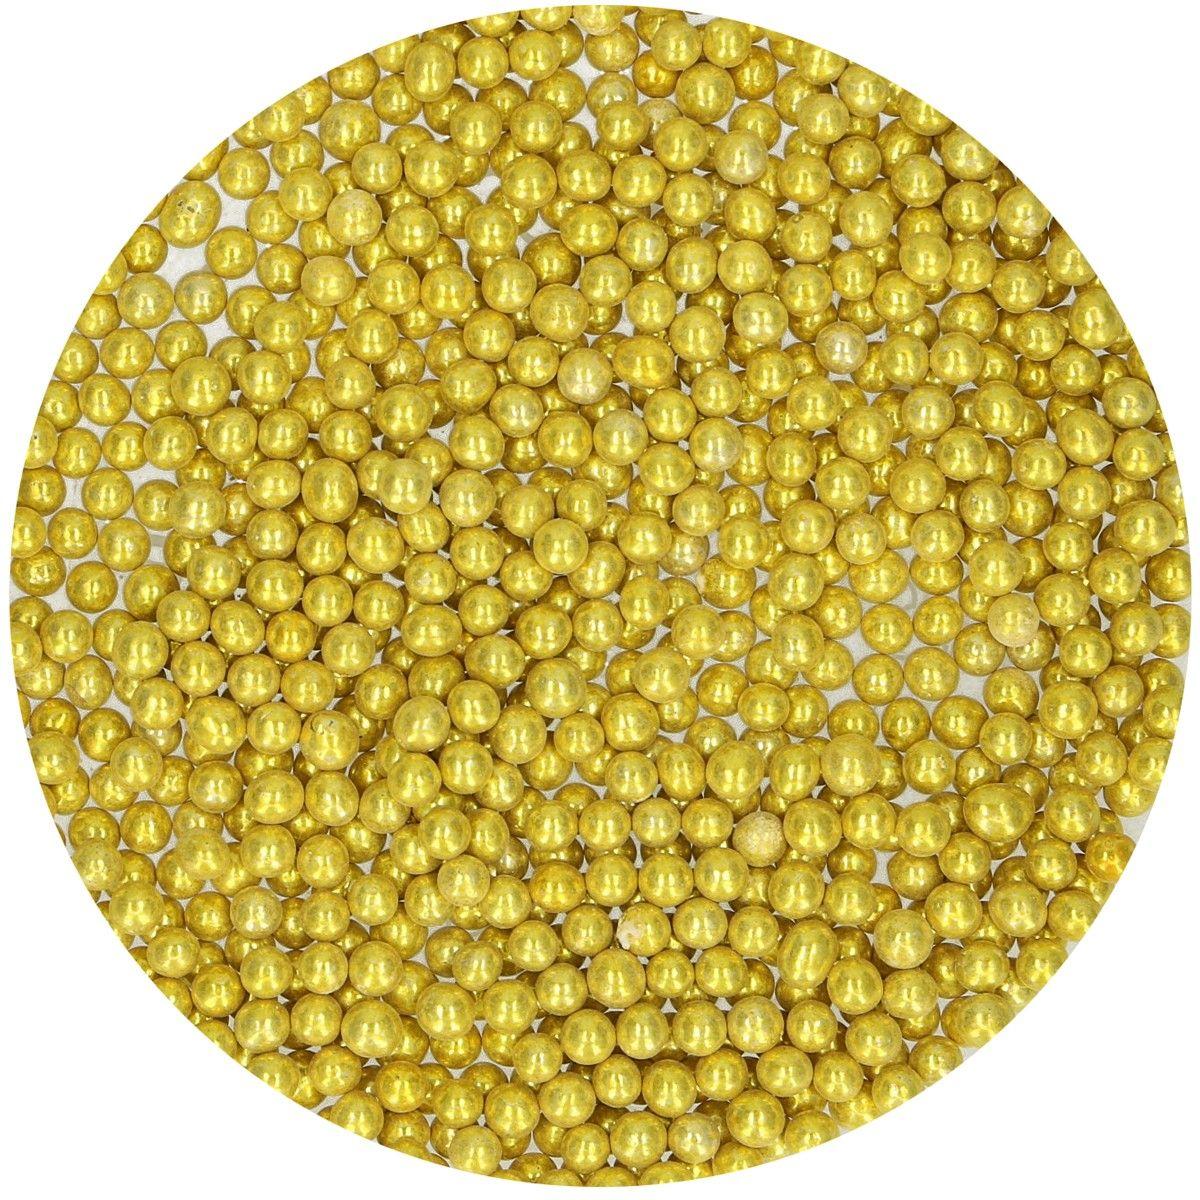 Perolas - Metalicas Douradas 80gr